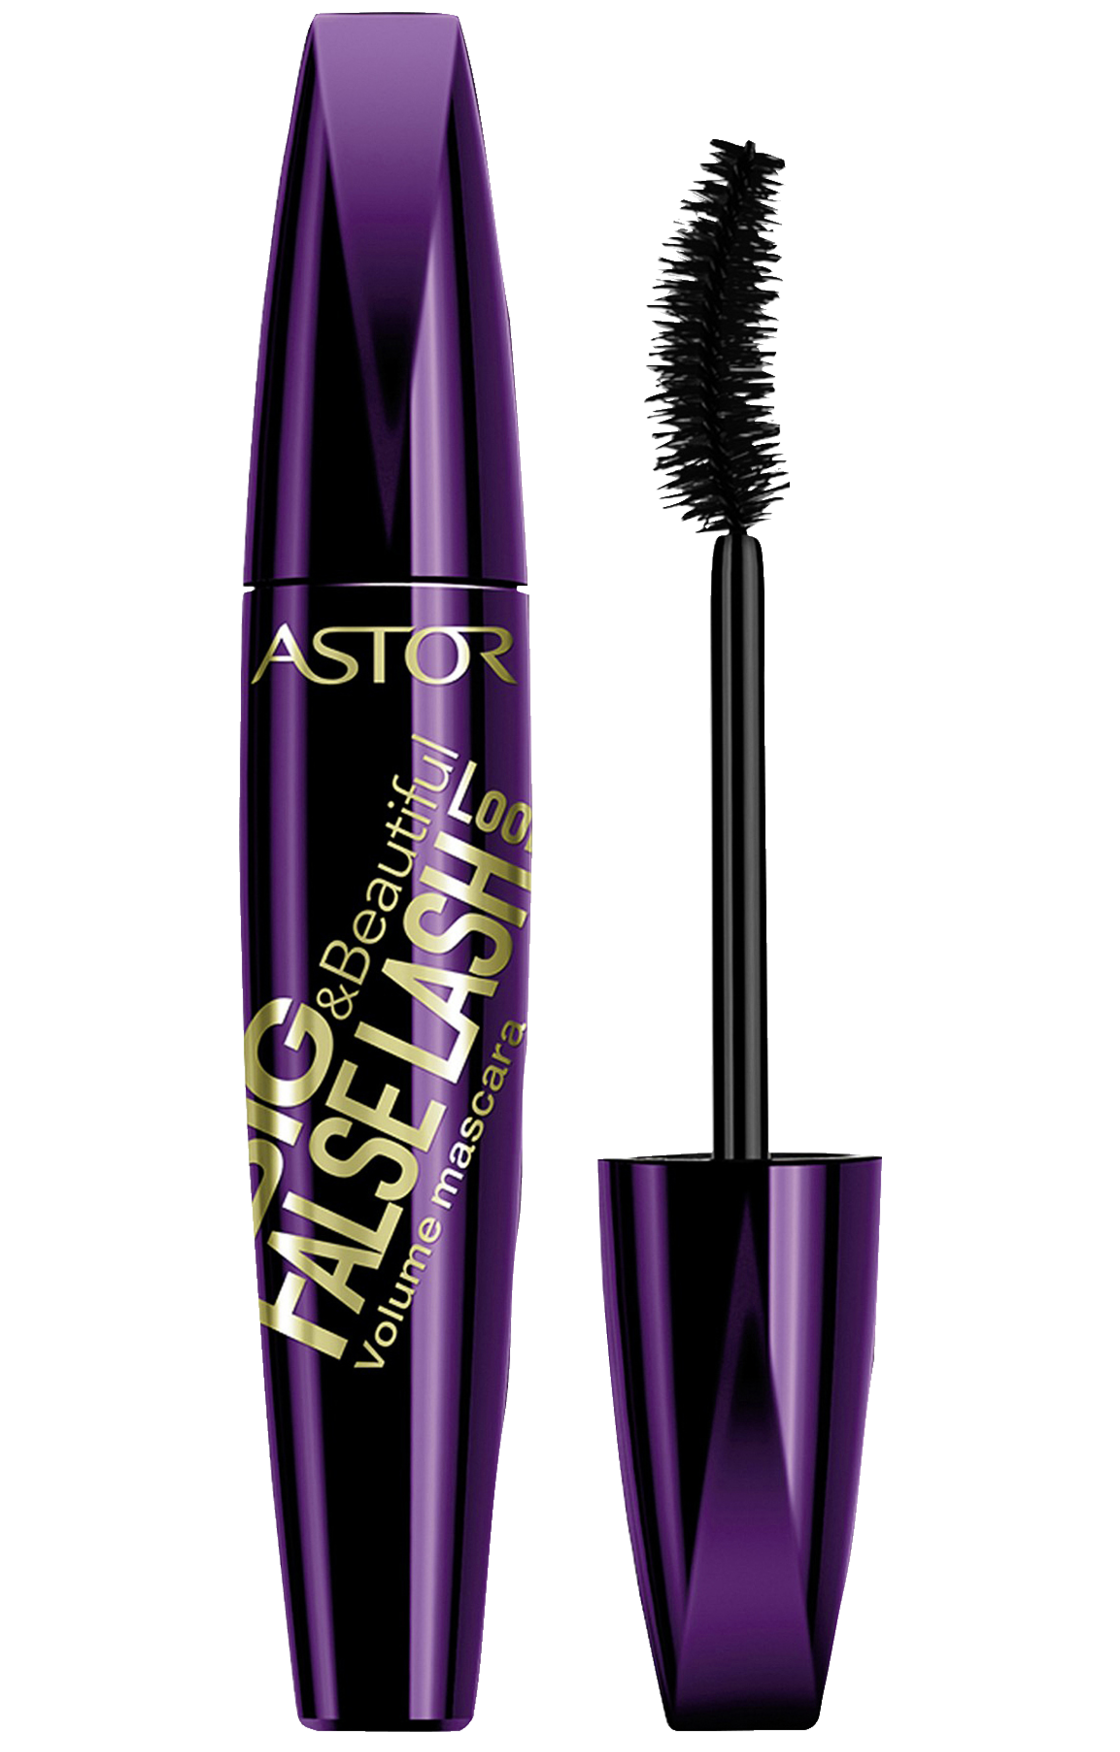 Astor Big & Beautiful False Lash Look